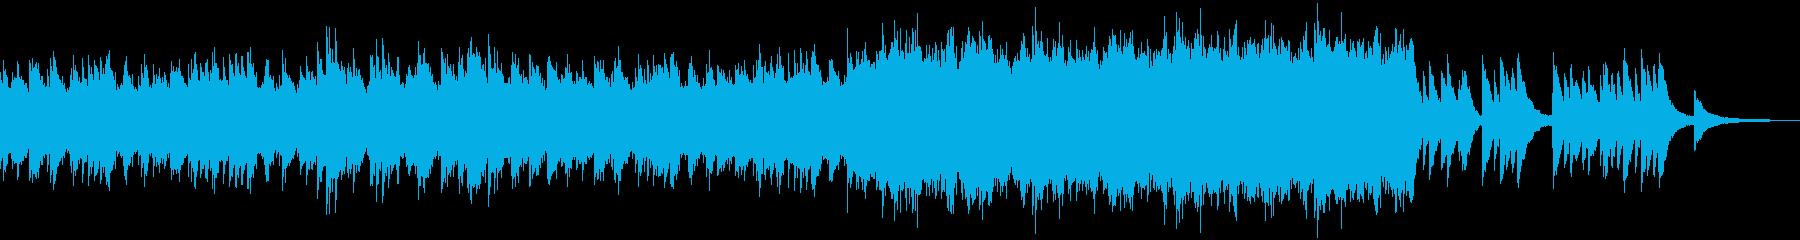 クラシック 交響曲 広い 壮大 ほ...の再生済みの波形